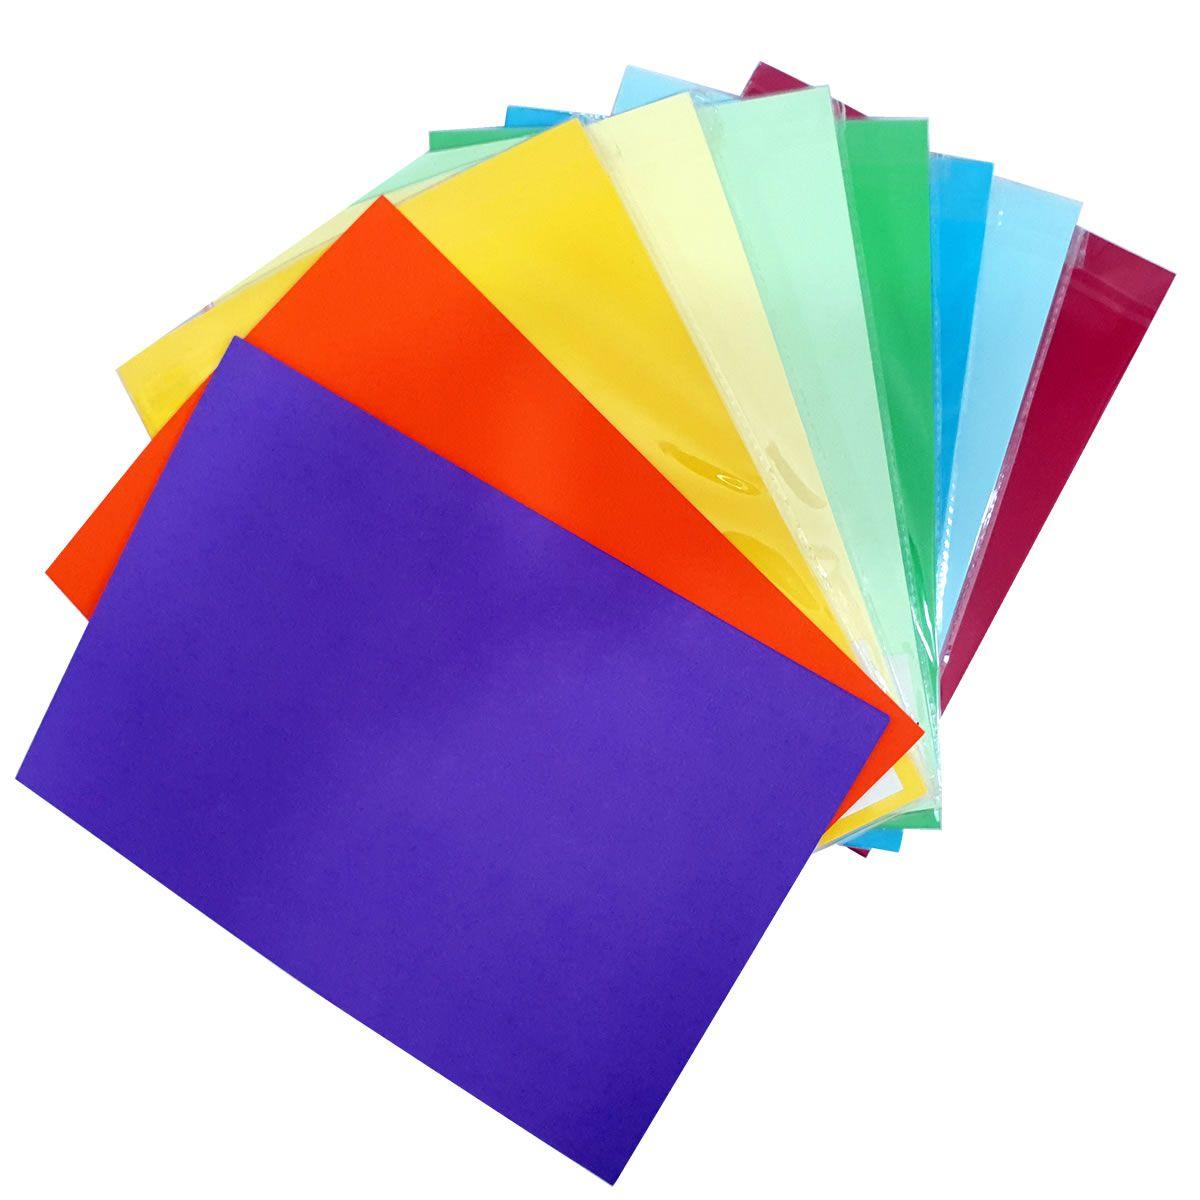 Papel Colors Plus 120g 50 folhas A4 Evolut